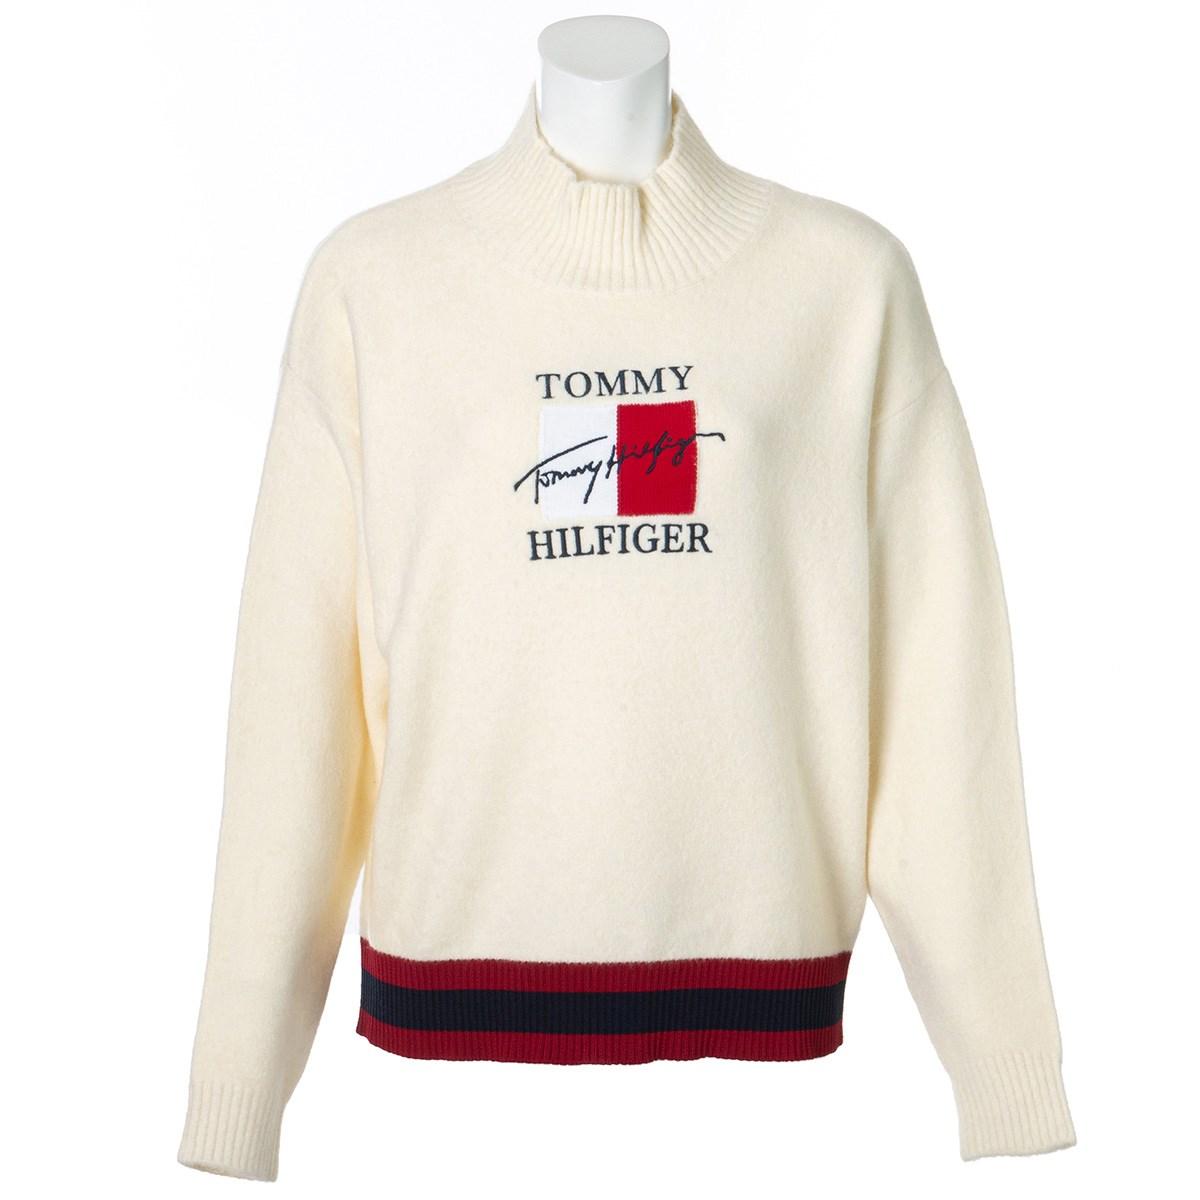 トミー ヒルフィガー ゴルフ TOMMY HILFIGER GOLF フラッグハイネックセーター S ホワイト 00 レディス